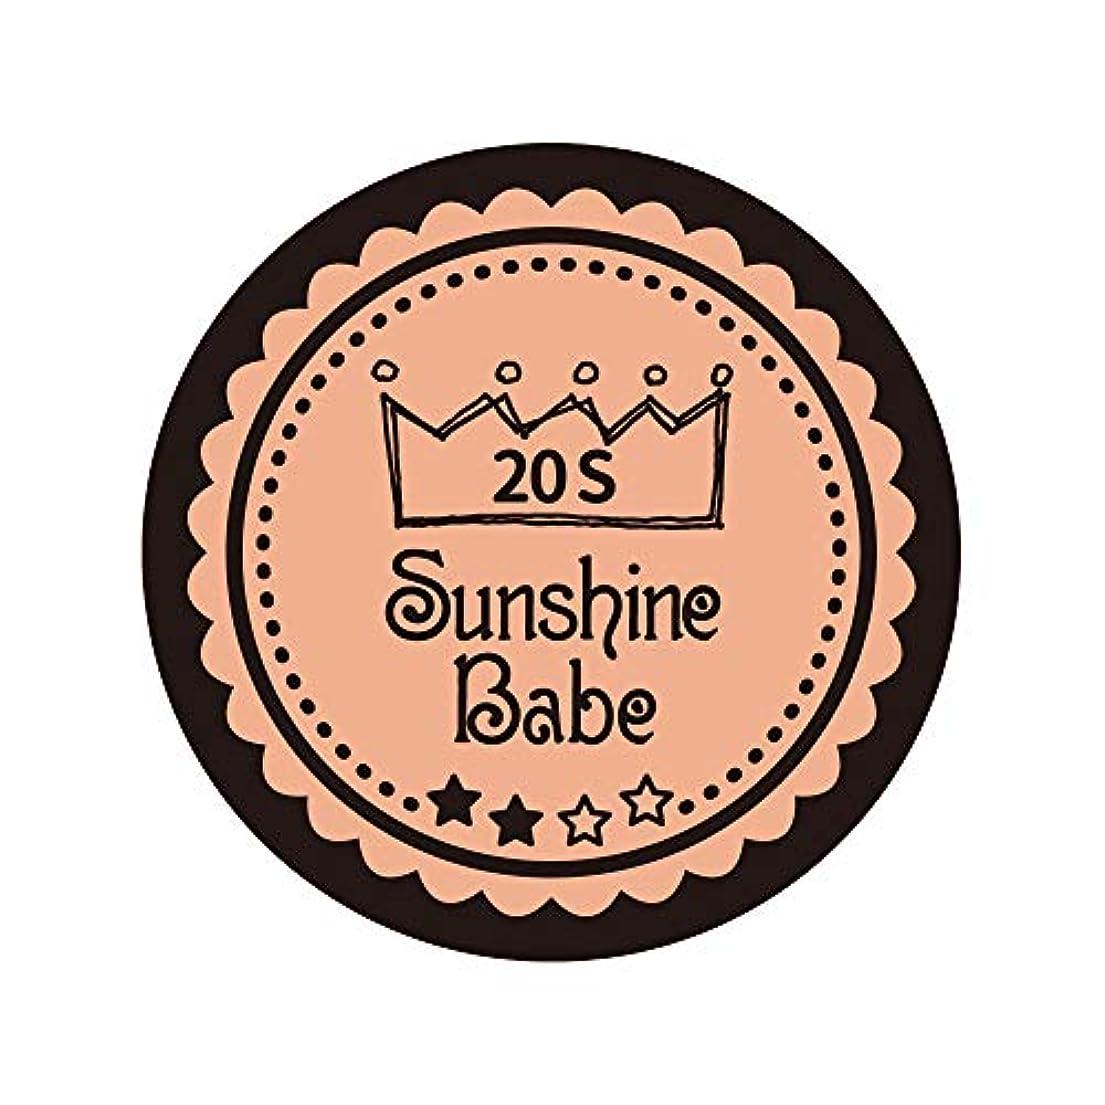 Sunshine Babe コスメティックカラー 20S ヌーディーベージュ 4g UV/LED対応